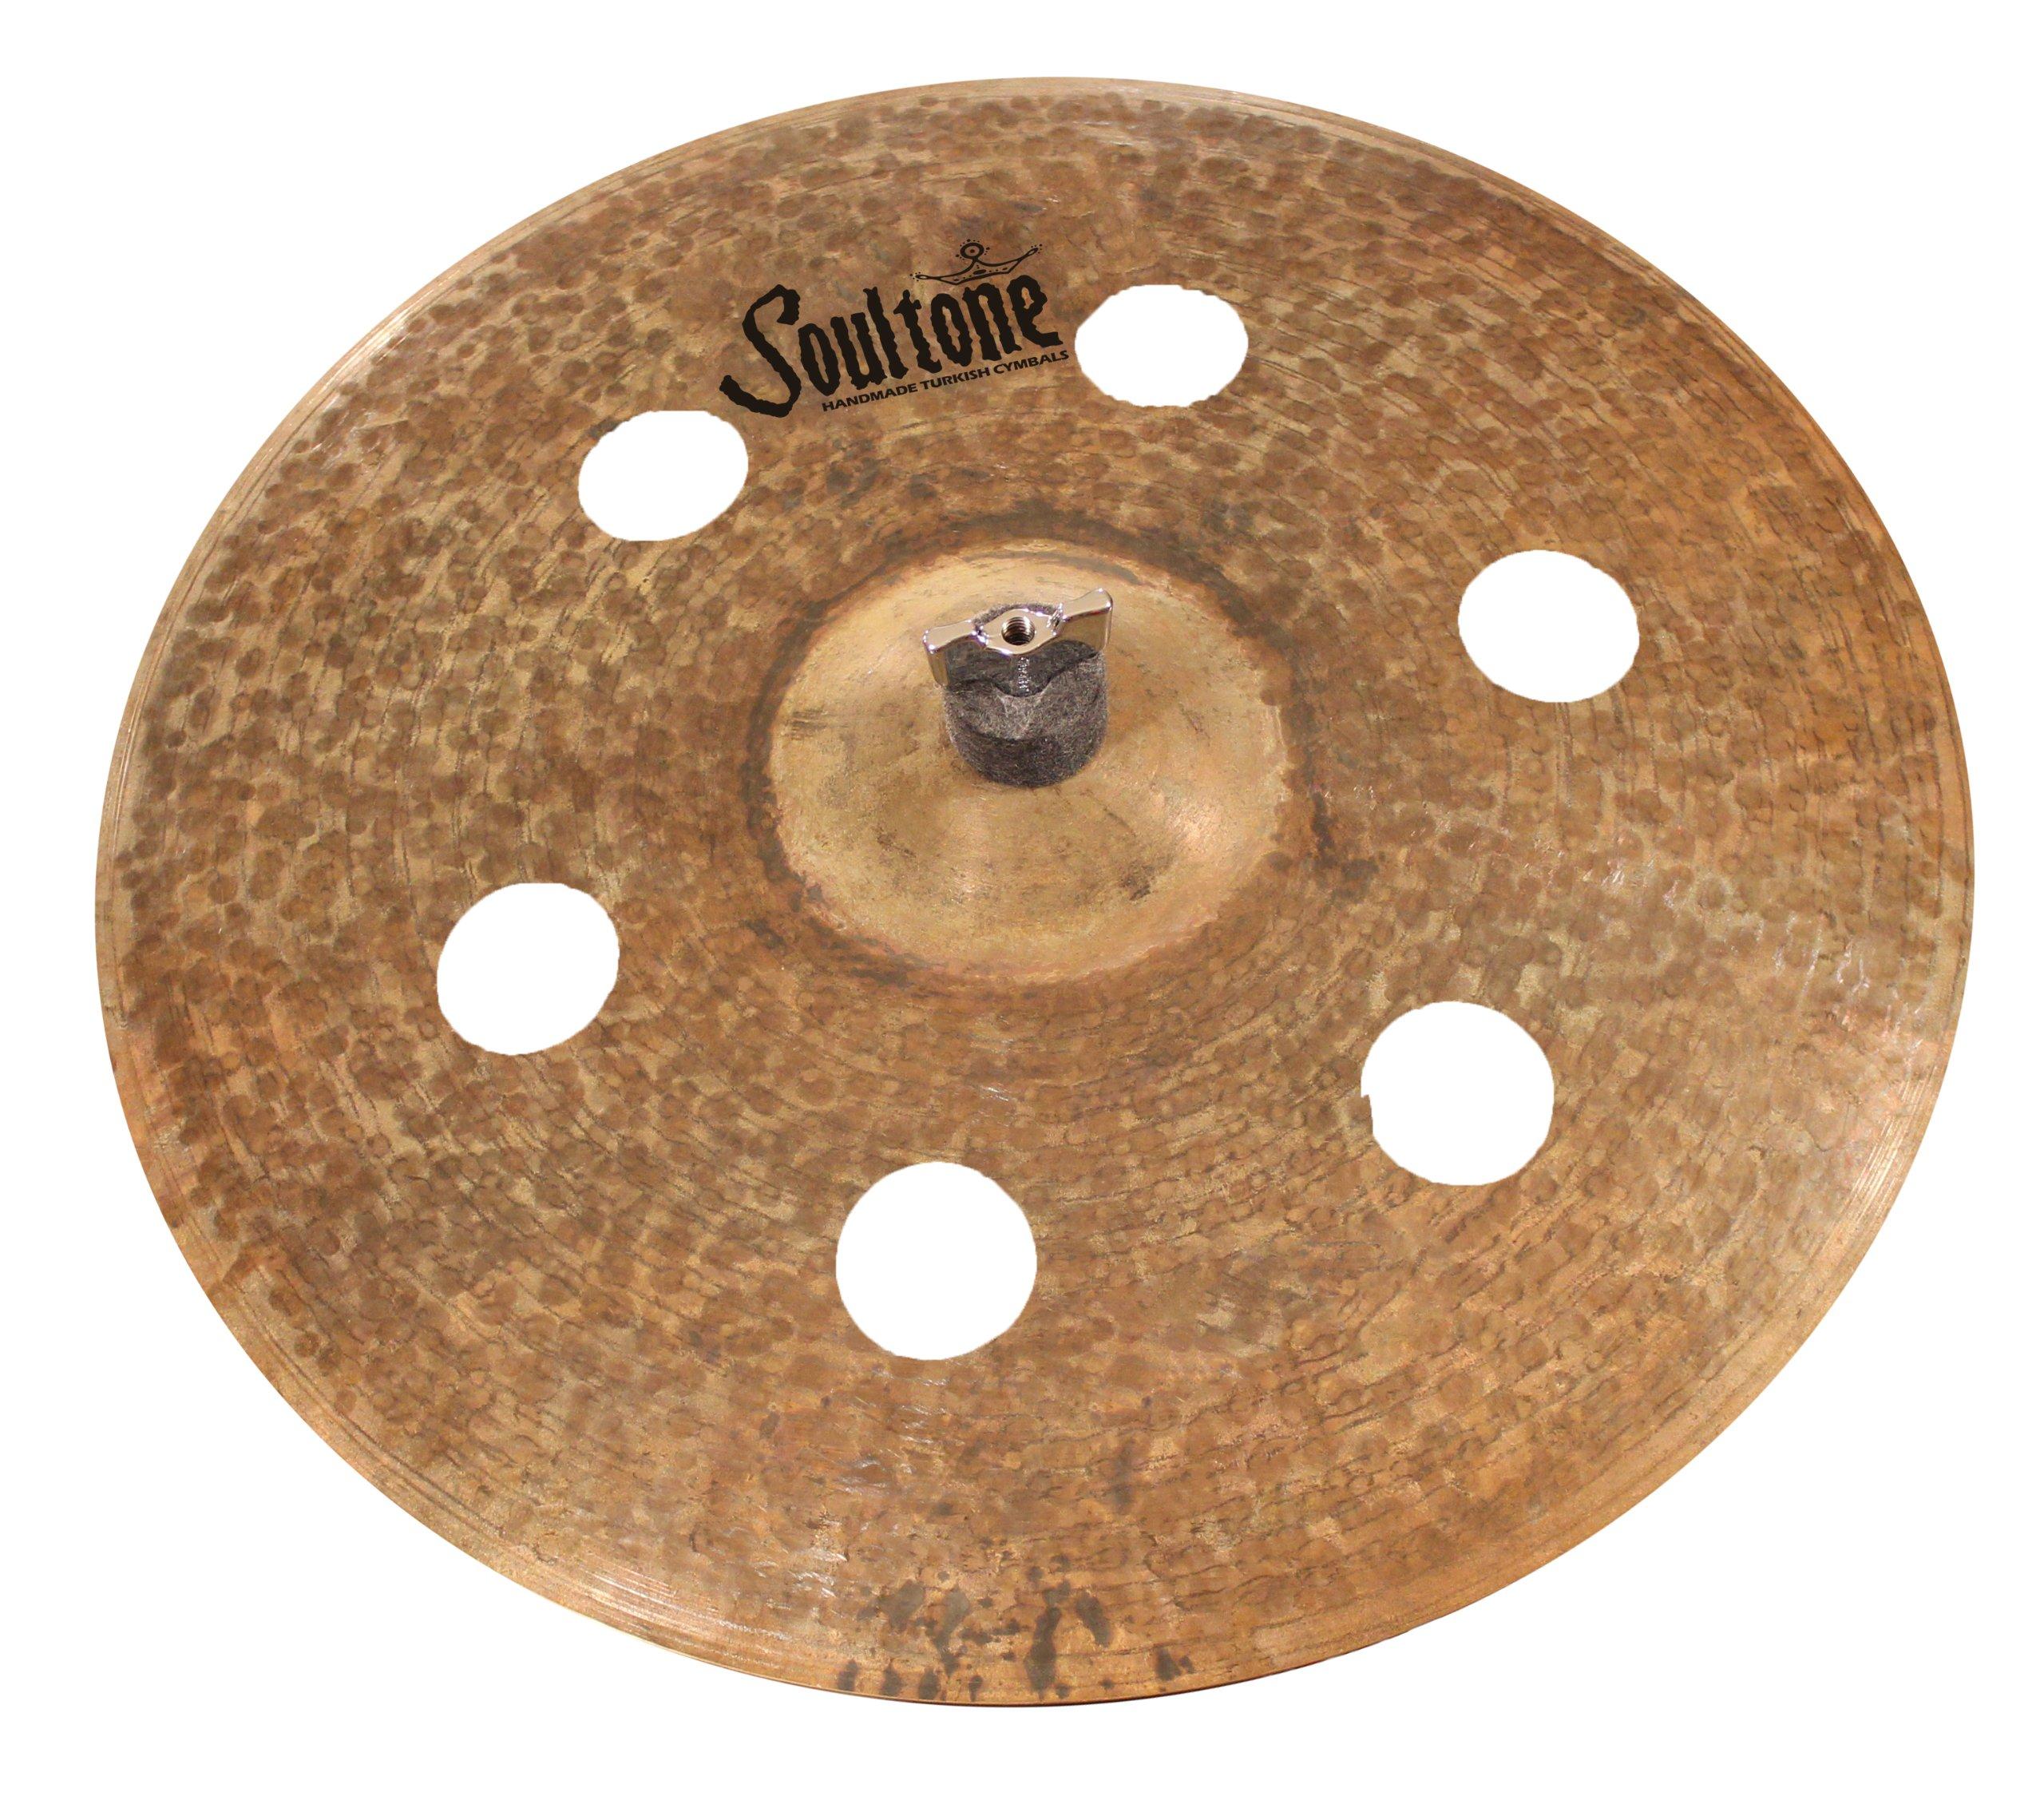 Soultone Cymbals NTR-CHN24FXO6-24'' Natural FXO 6 China